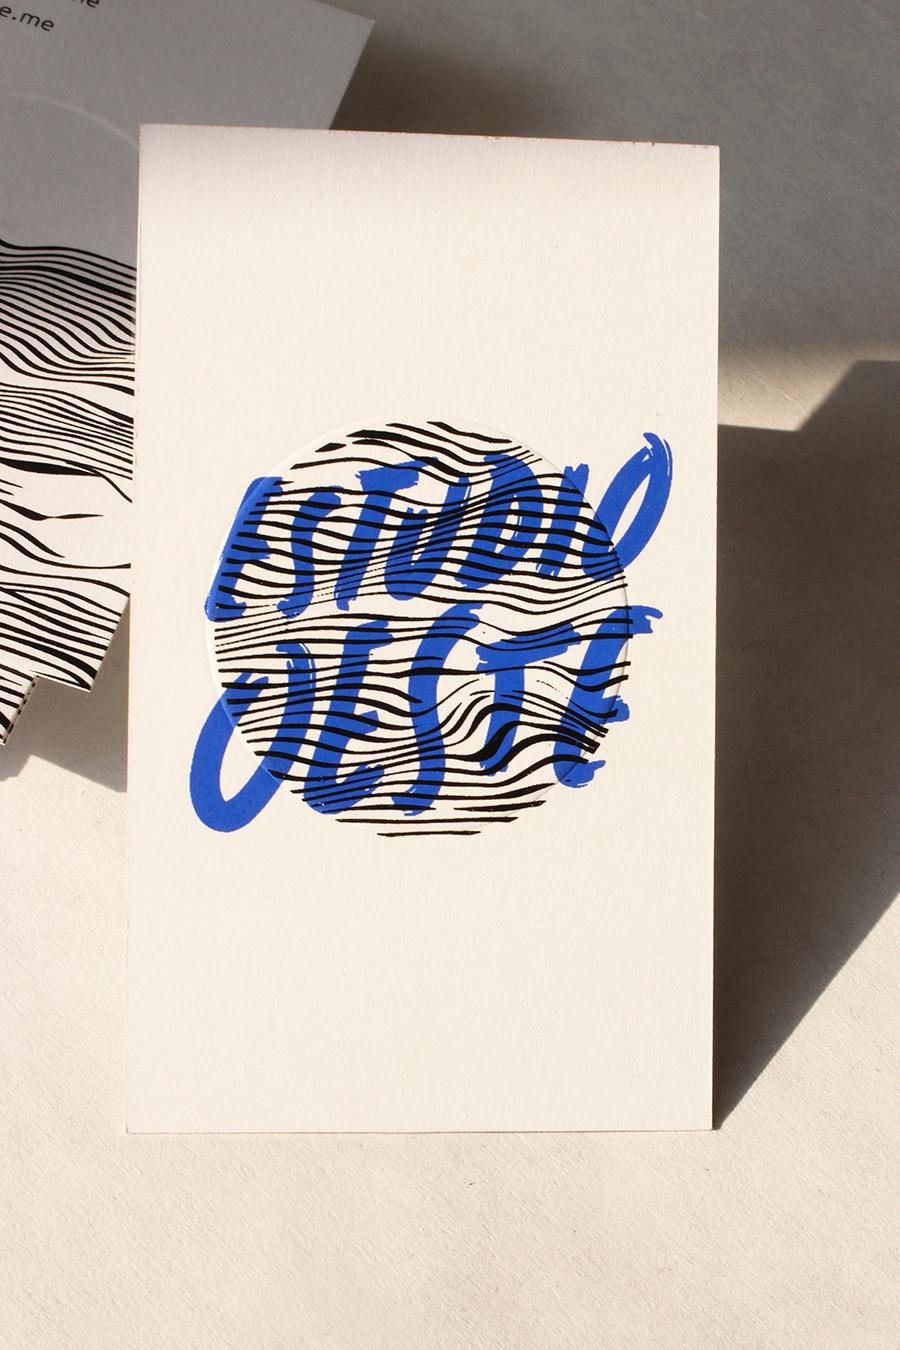 Marina Coracha - tarjeta o invitación con las palabras estudio oeste